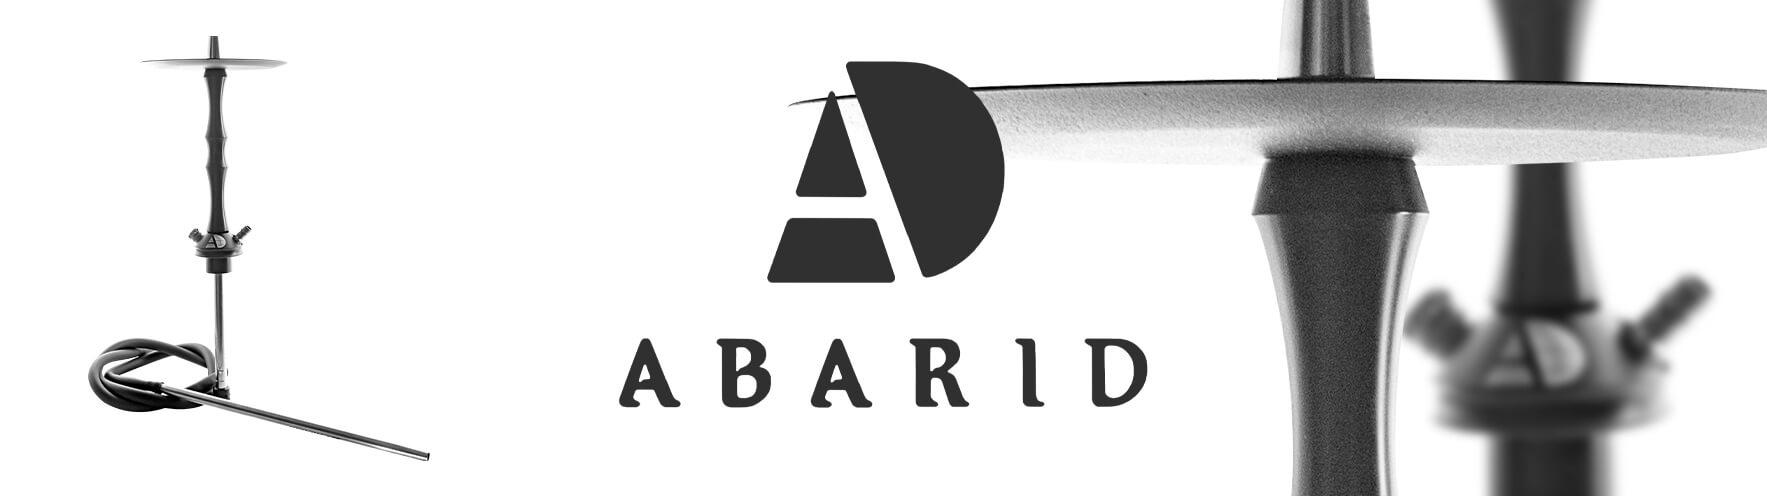 Кальяны Abarid купить по оптовым ценам